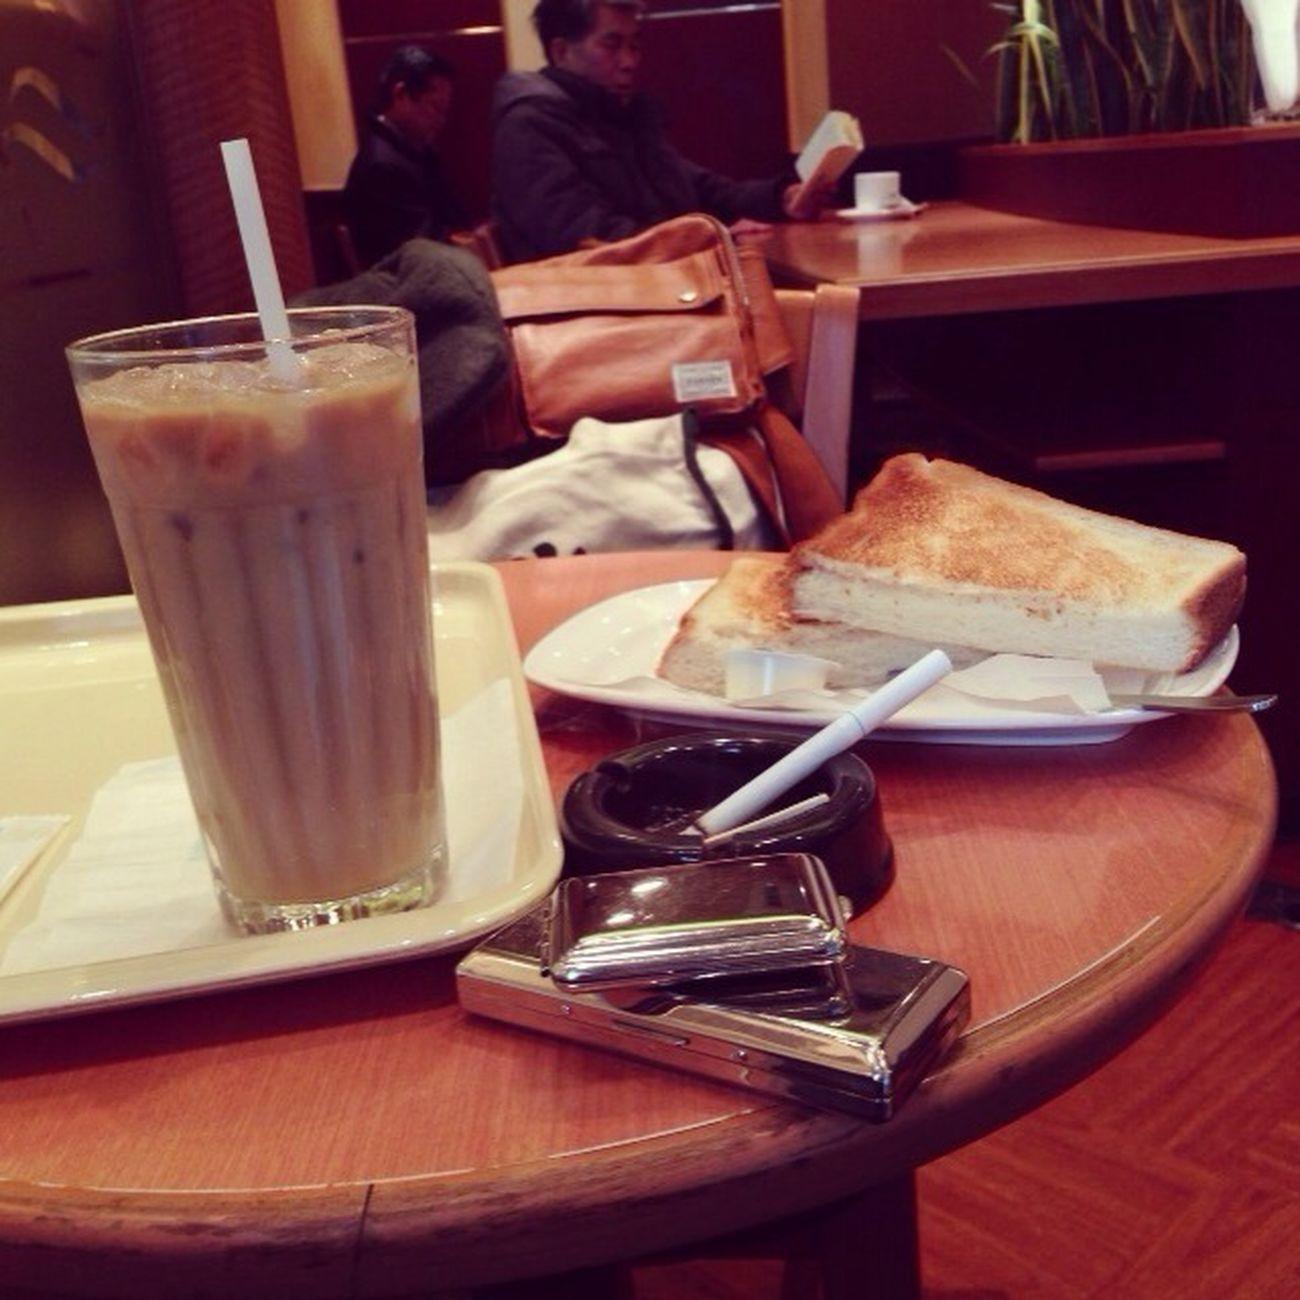 診療終わって帰り途でコーヒー一杯を。 看完腳,回家的路上喝杯珈琲。